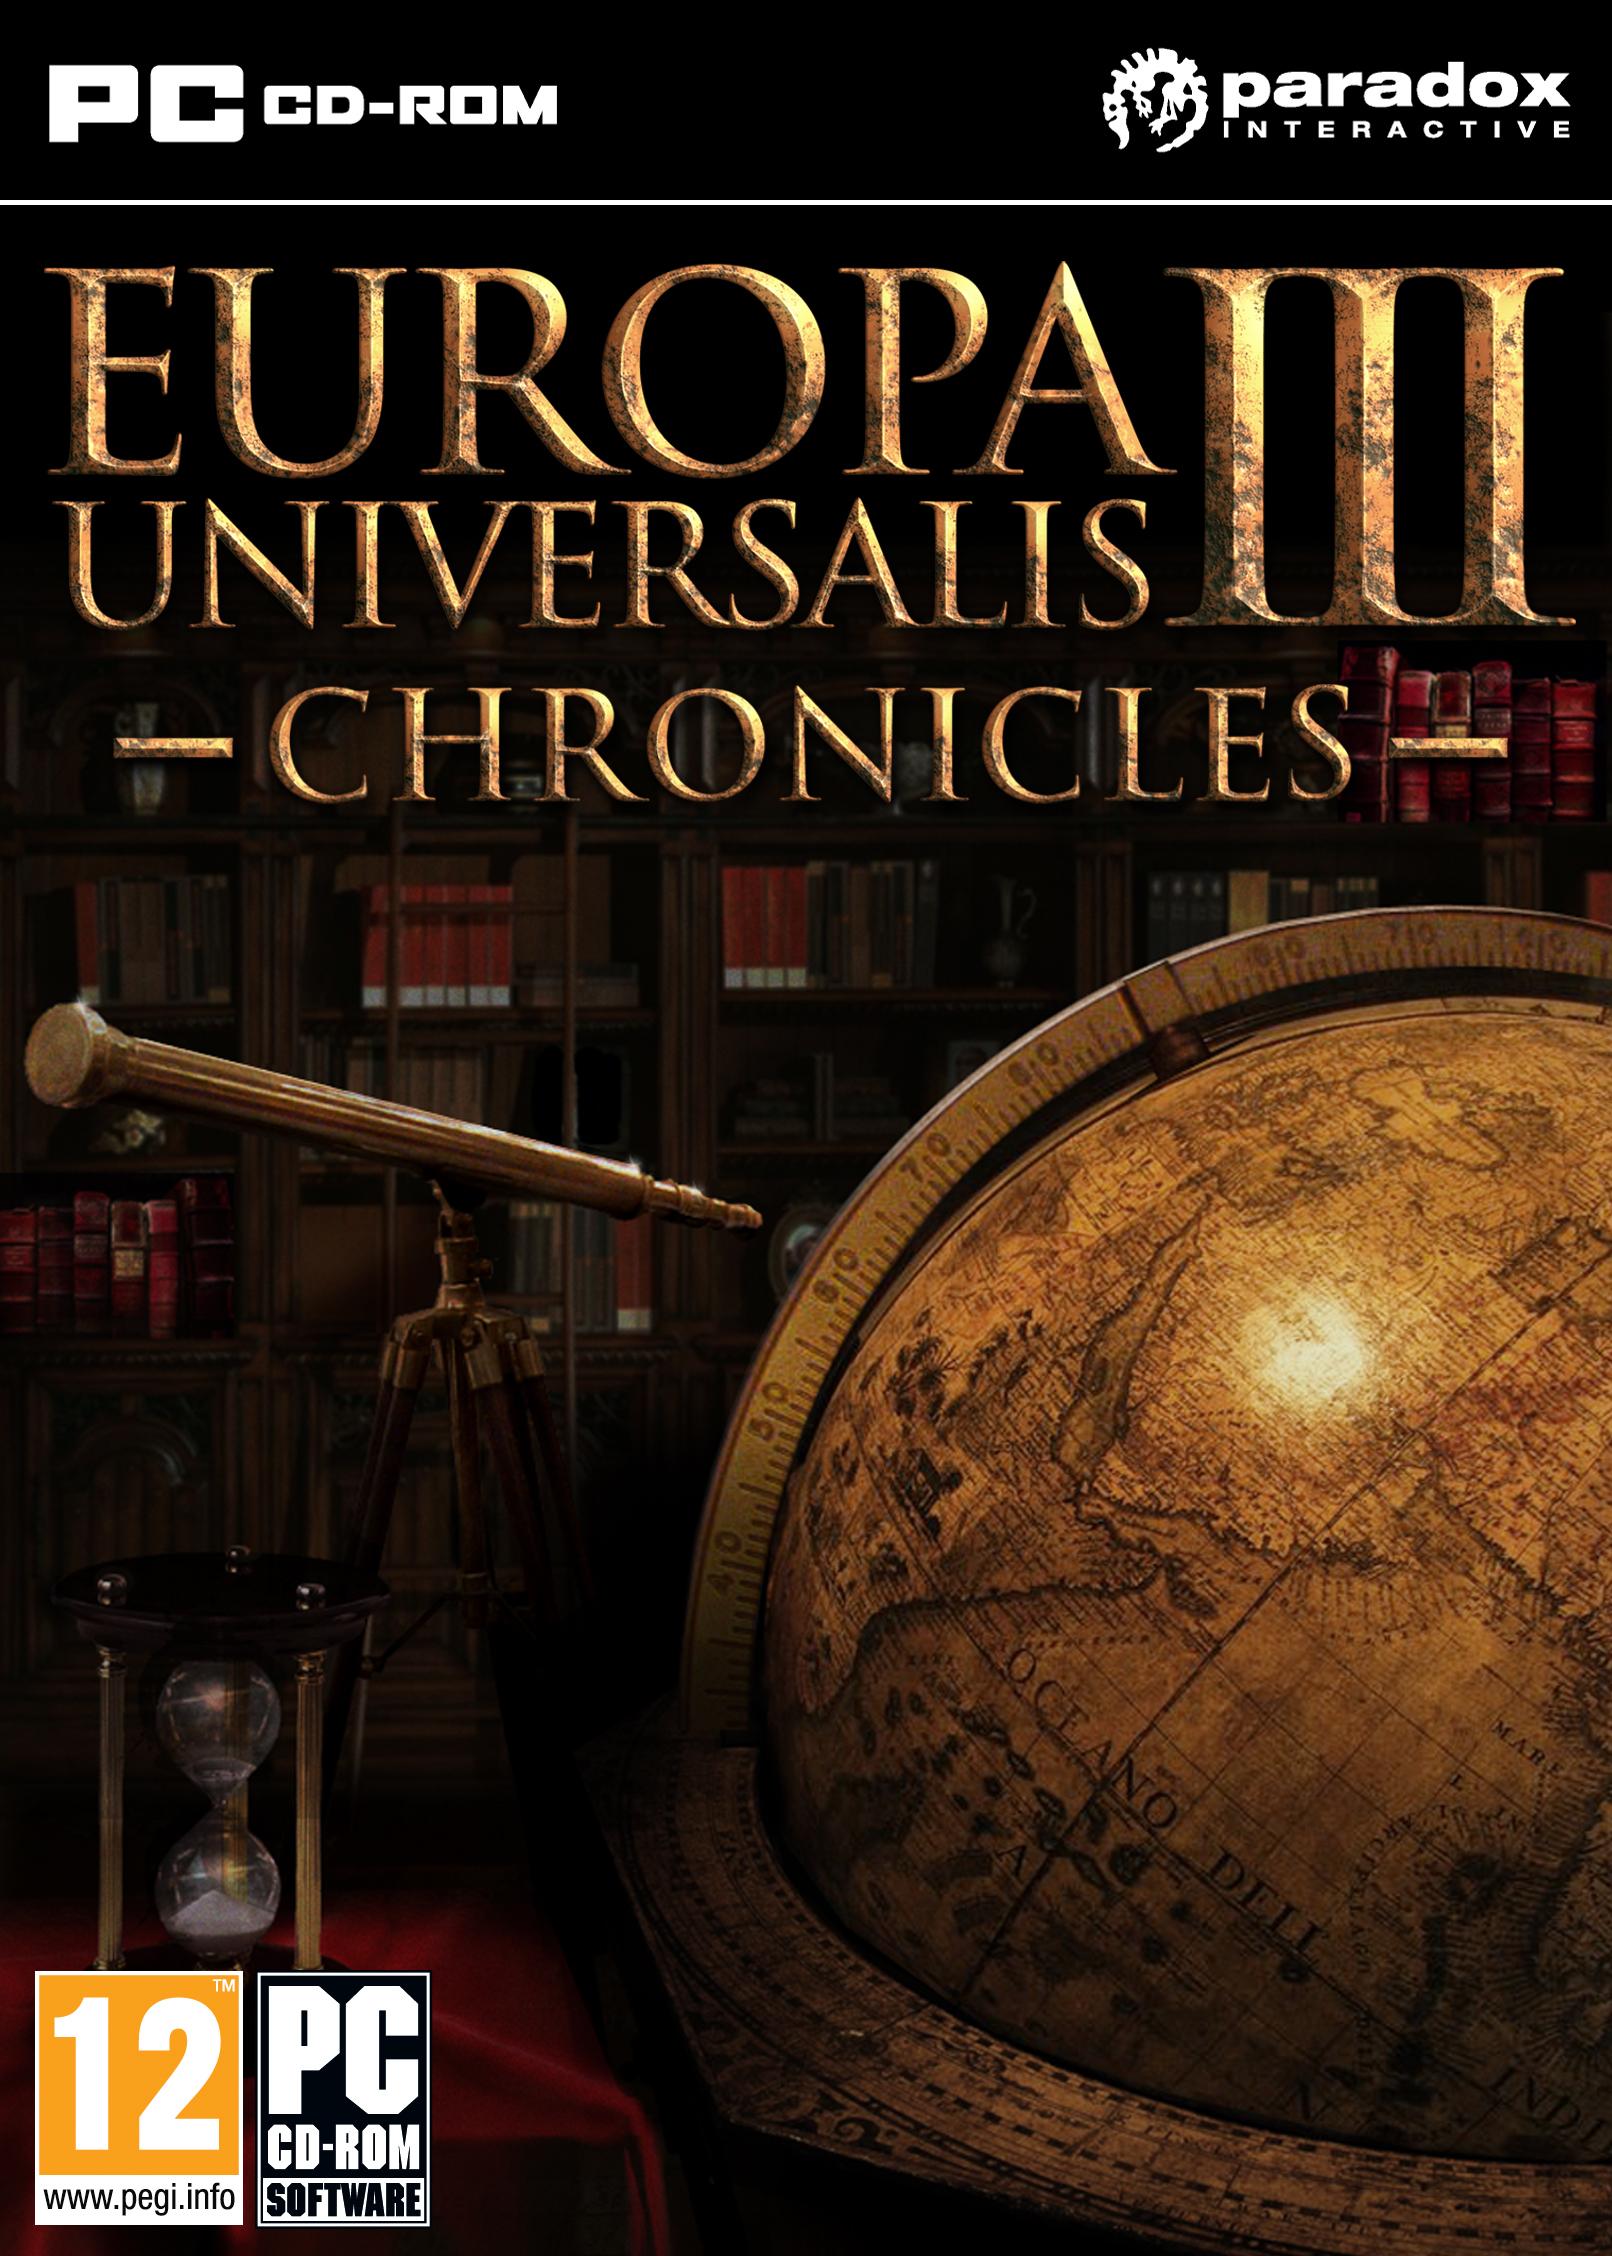 europa universalis iii chronicles